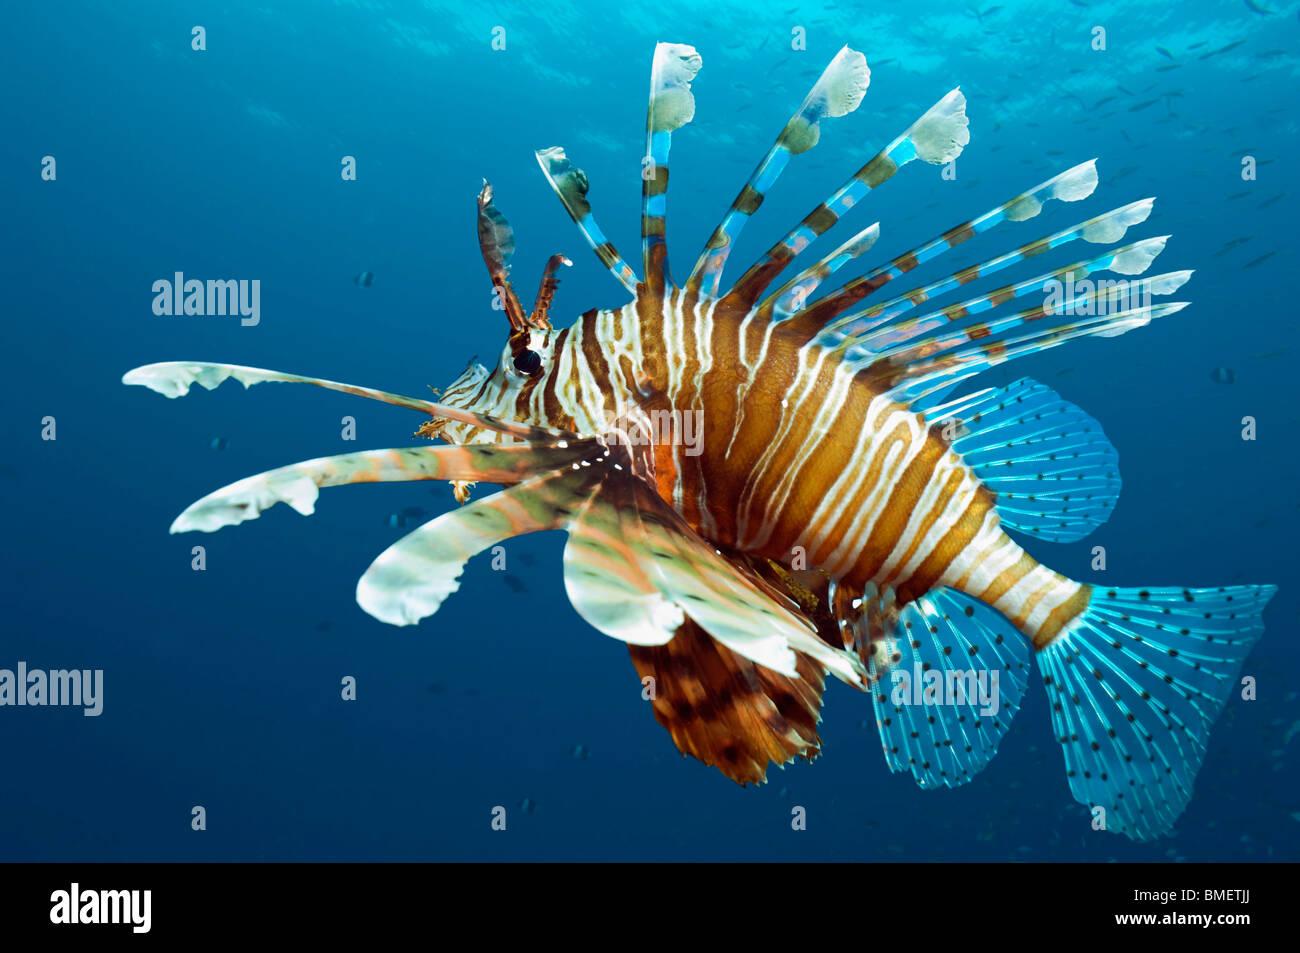 El pez león. Egipto, el Mar Rojo. Foto de stock